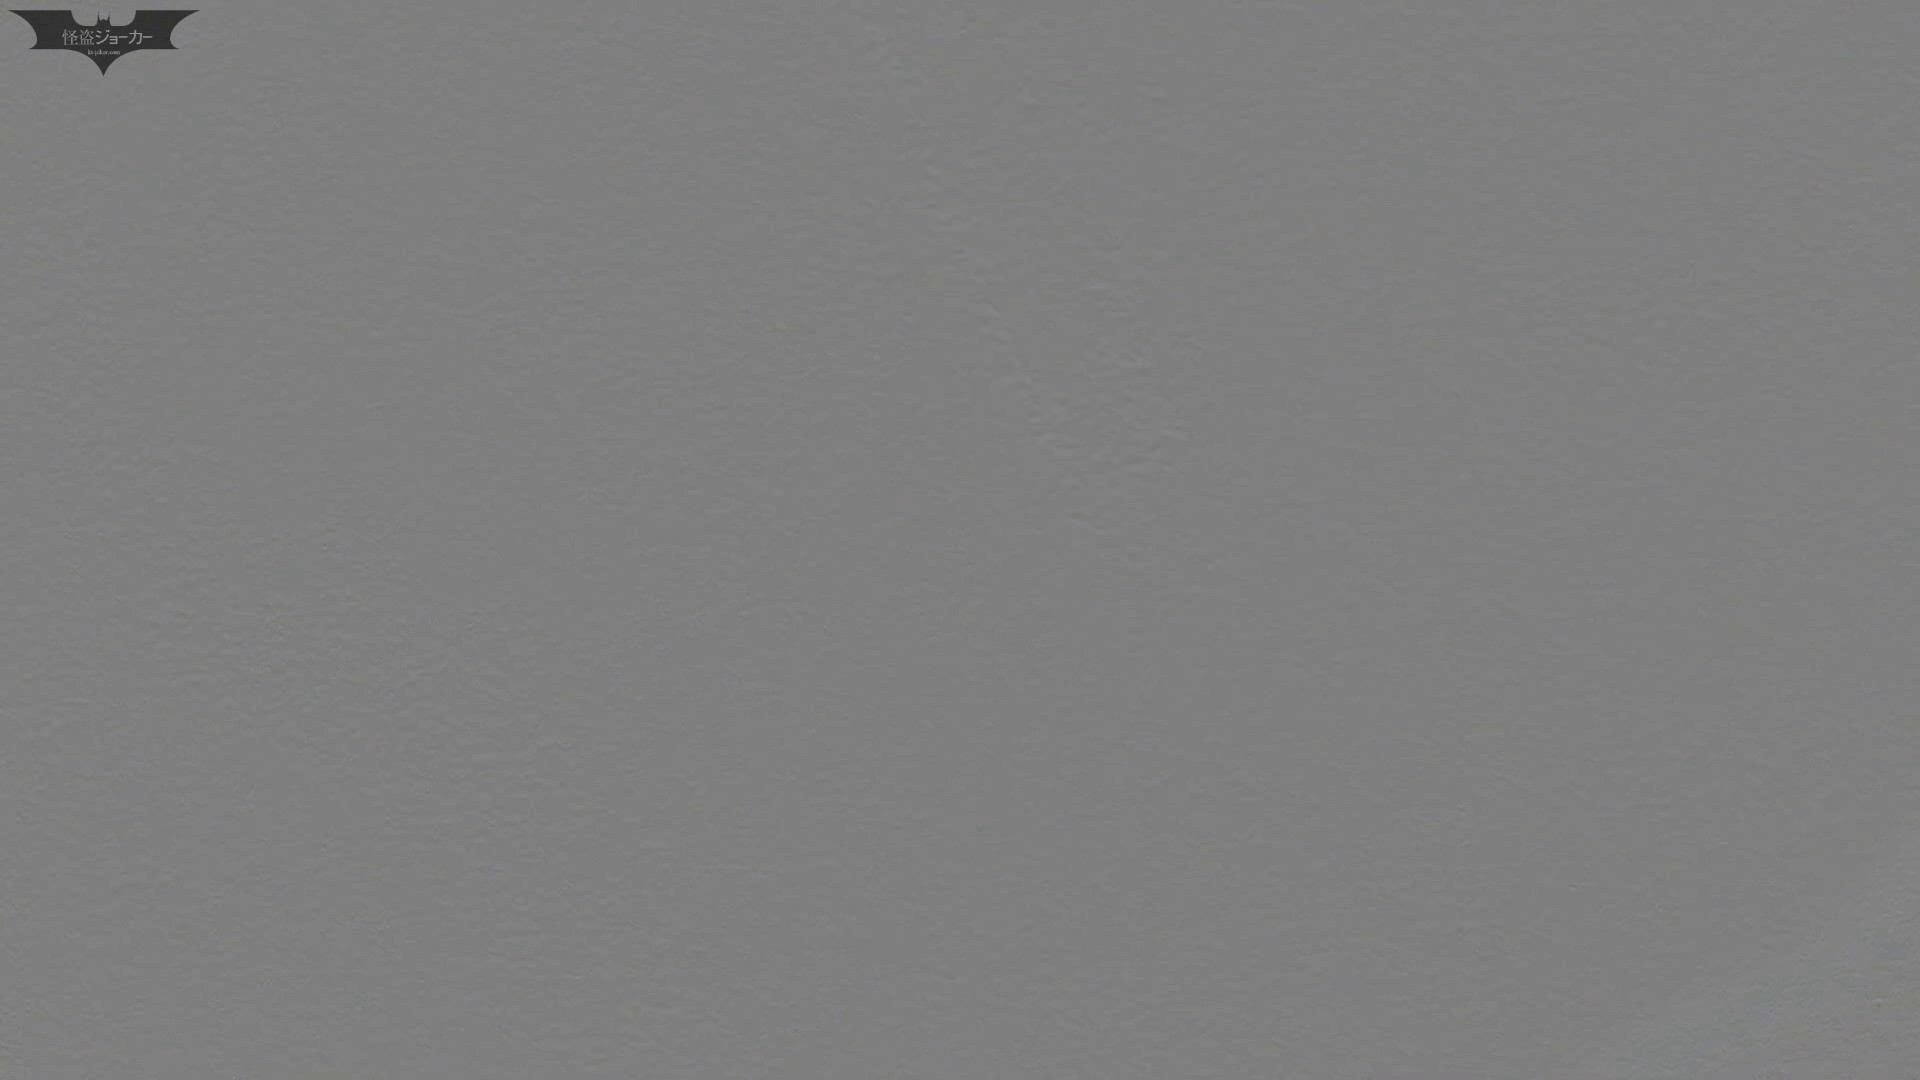 マンコ丸見え!第三体育館潜入撮File003【2015・09位】 体育館で おめこ無修正画像 75画像 15